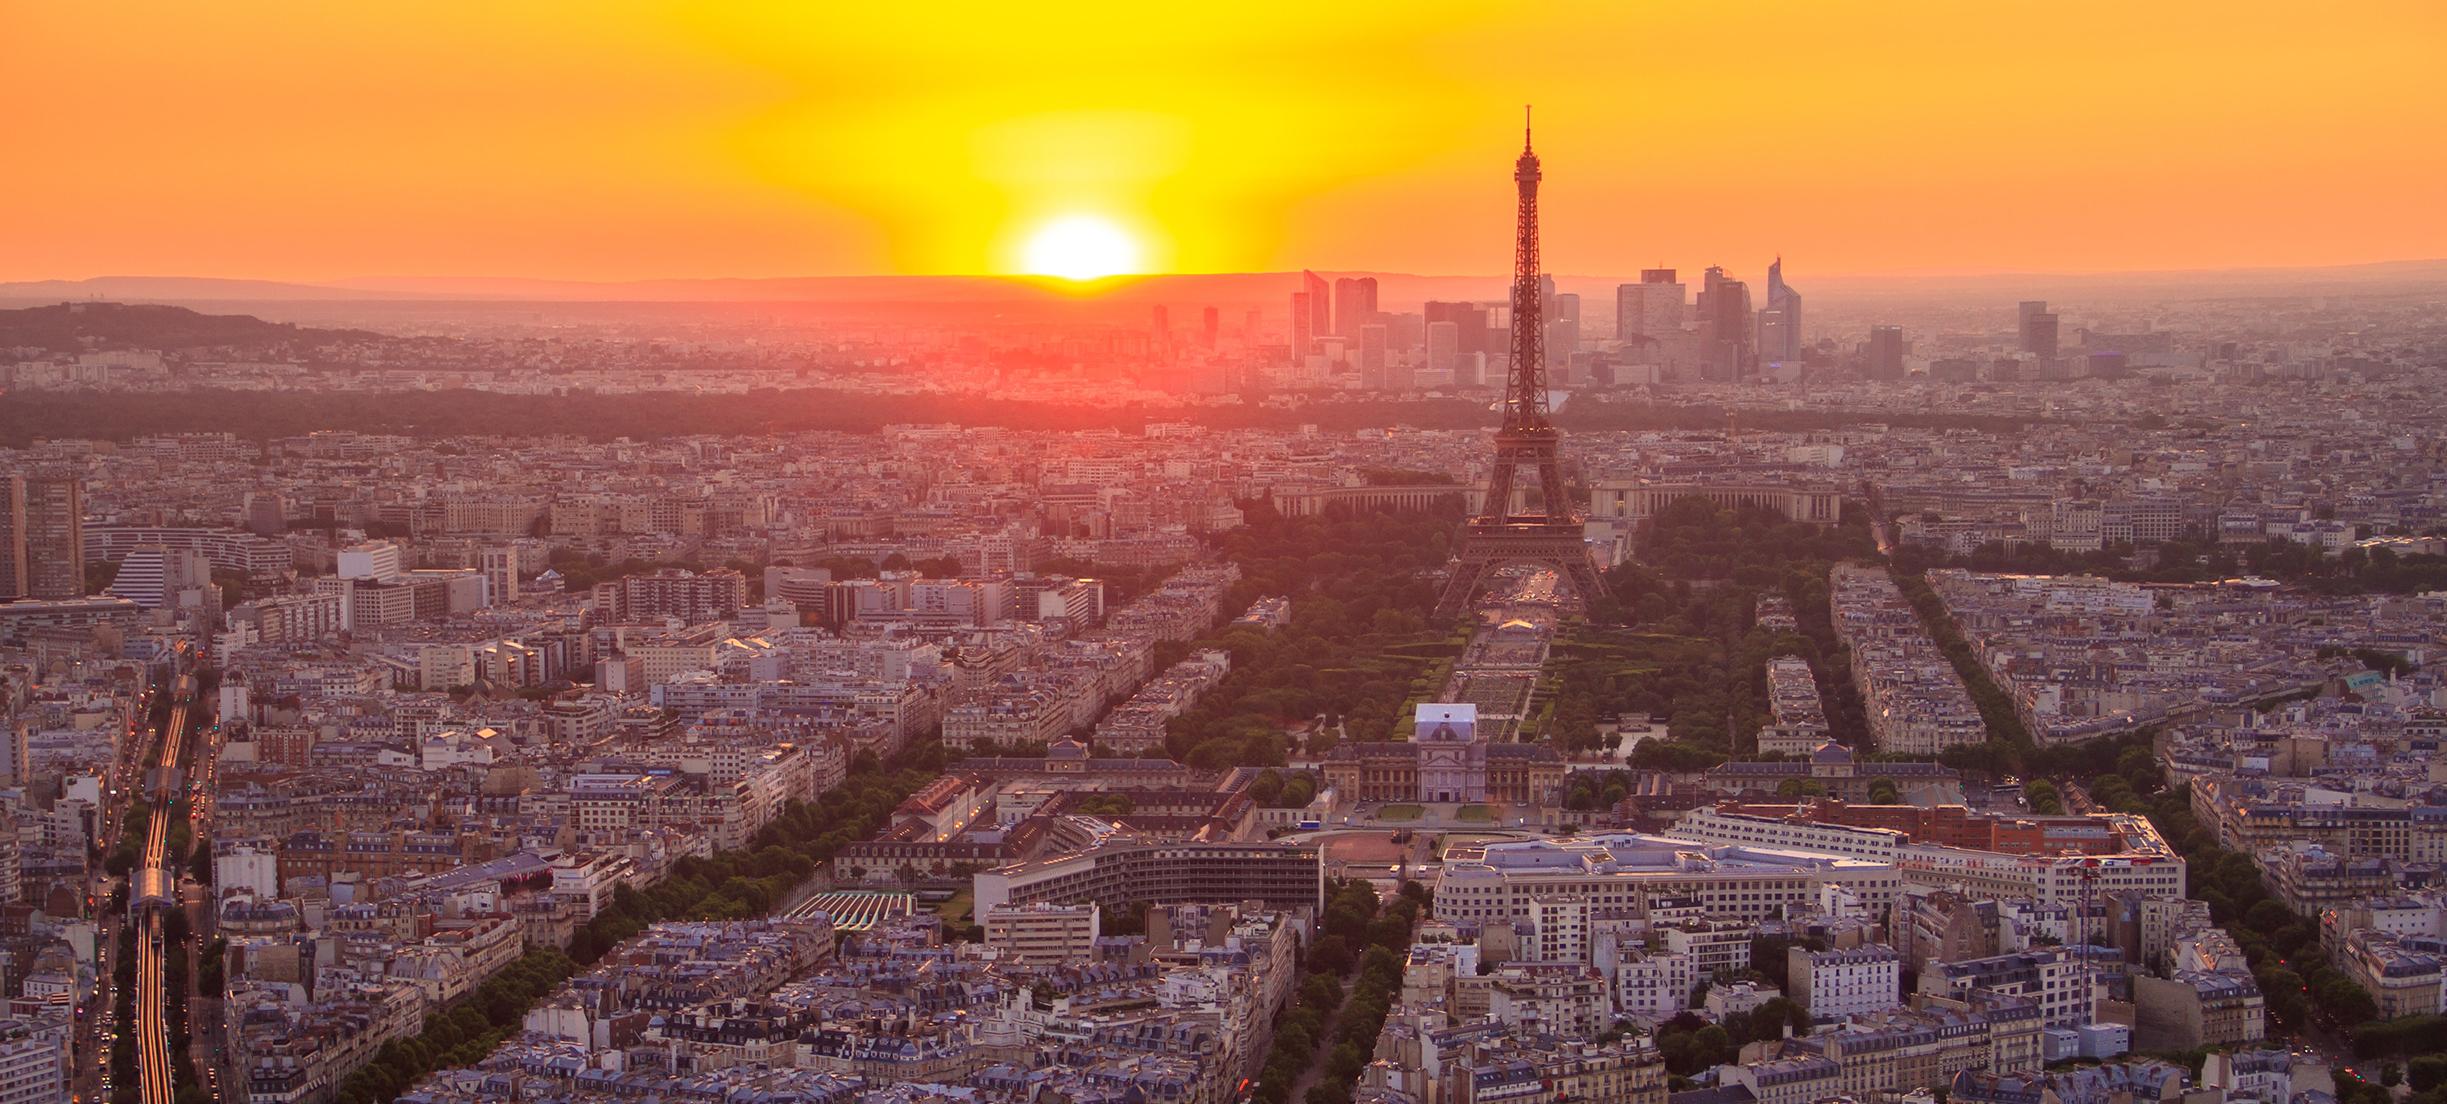 Met de trein naar Parijs: 300.000 reizigers verkozen trein boven vliegtuig, en meer nieuws